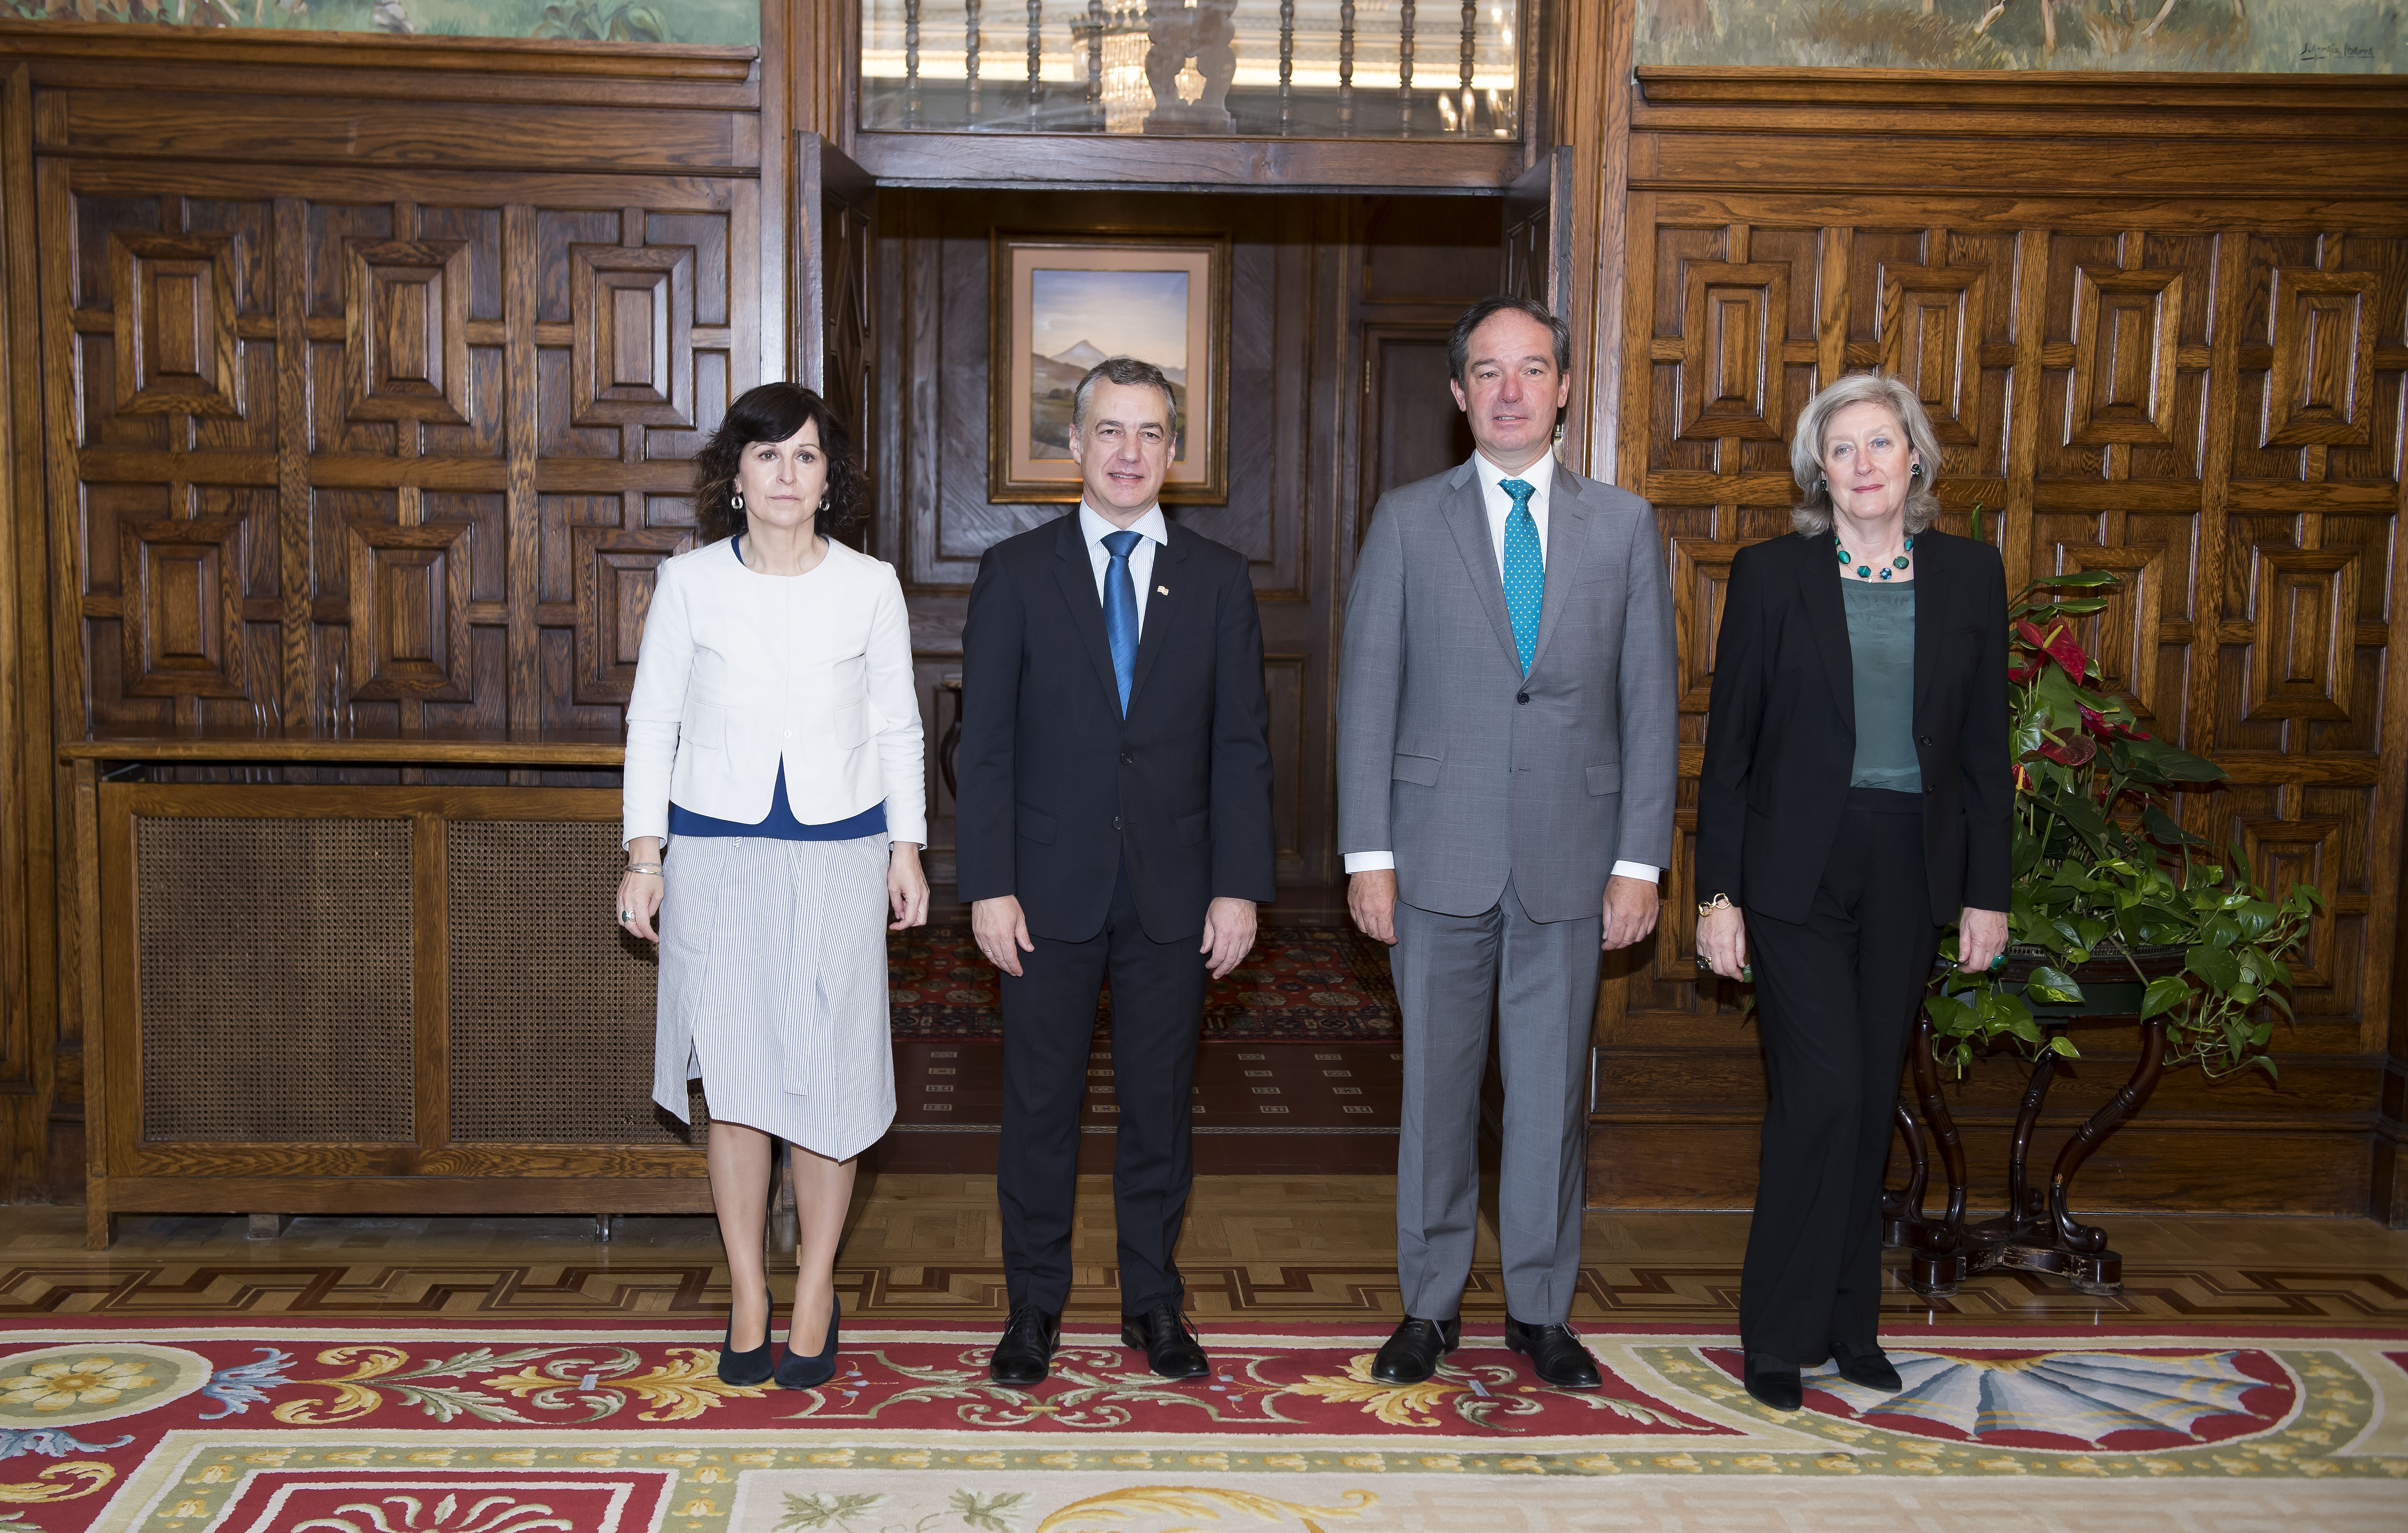 2107_06_05_lhk_embajador_belgica_03.jpg